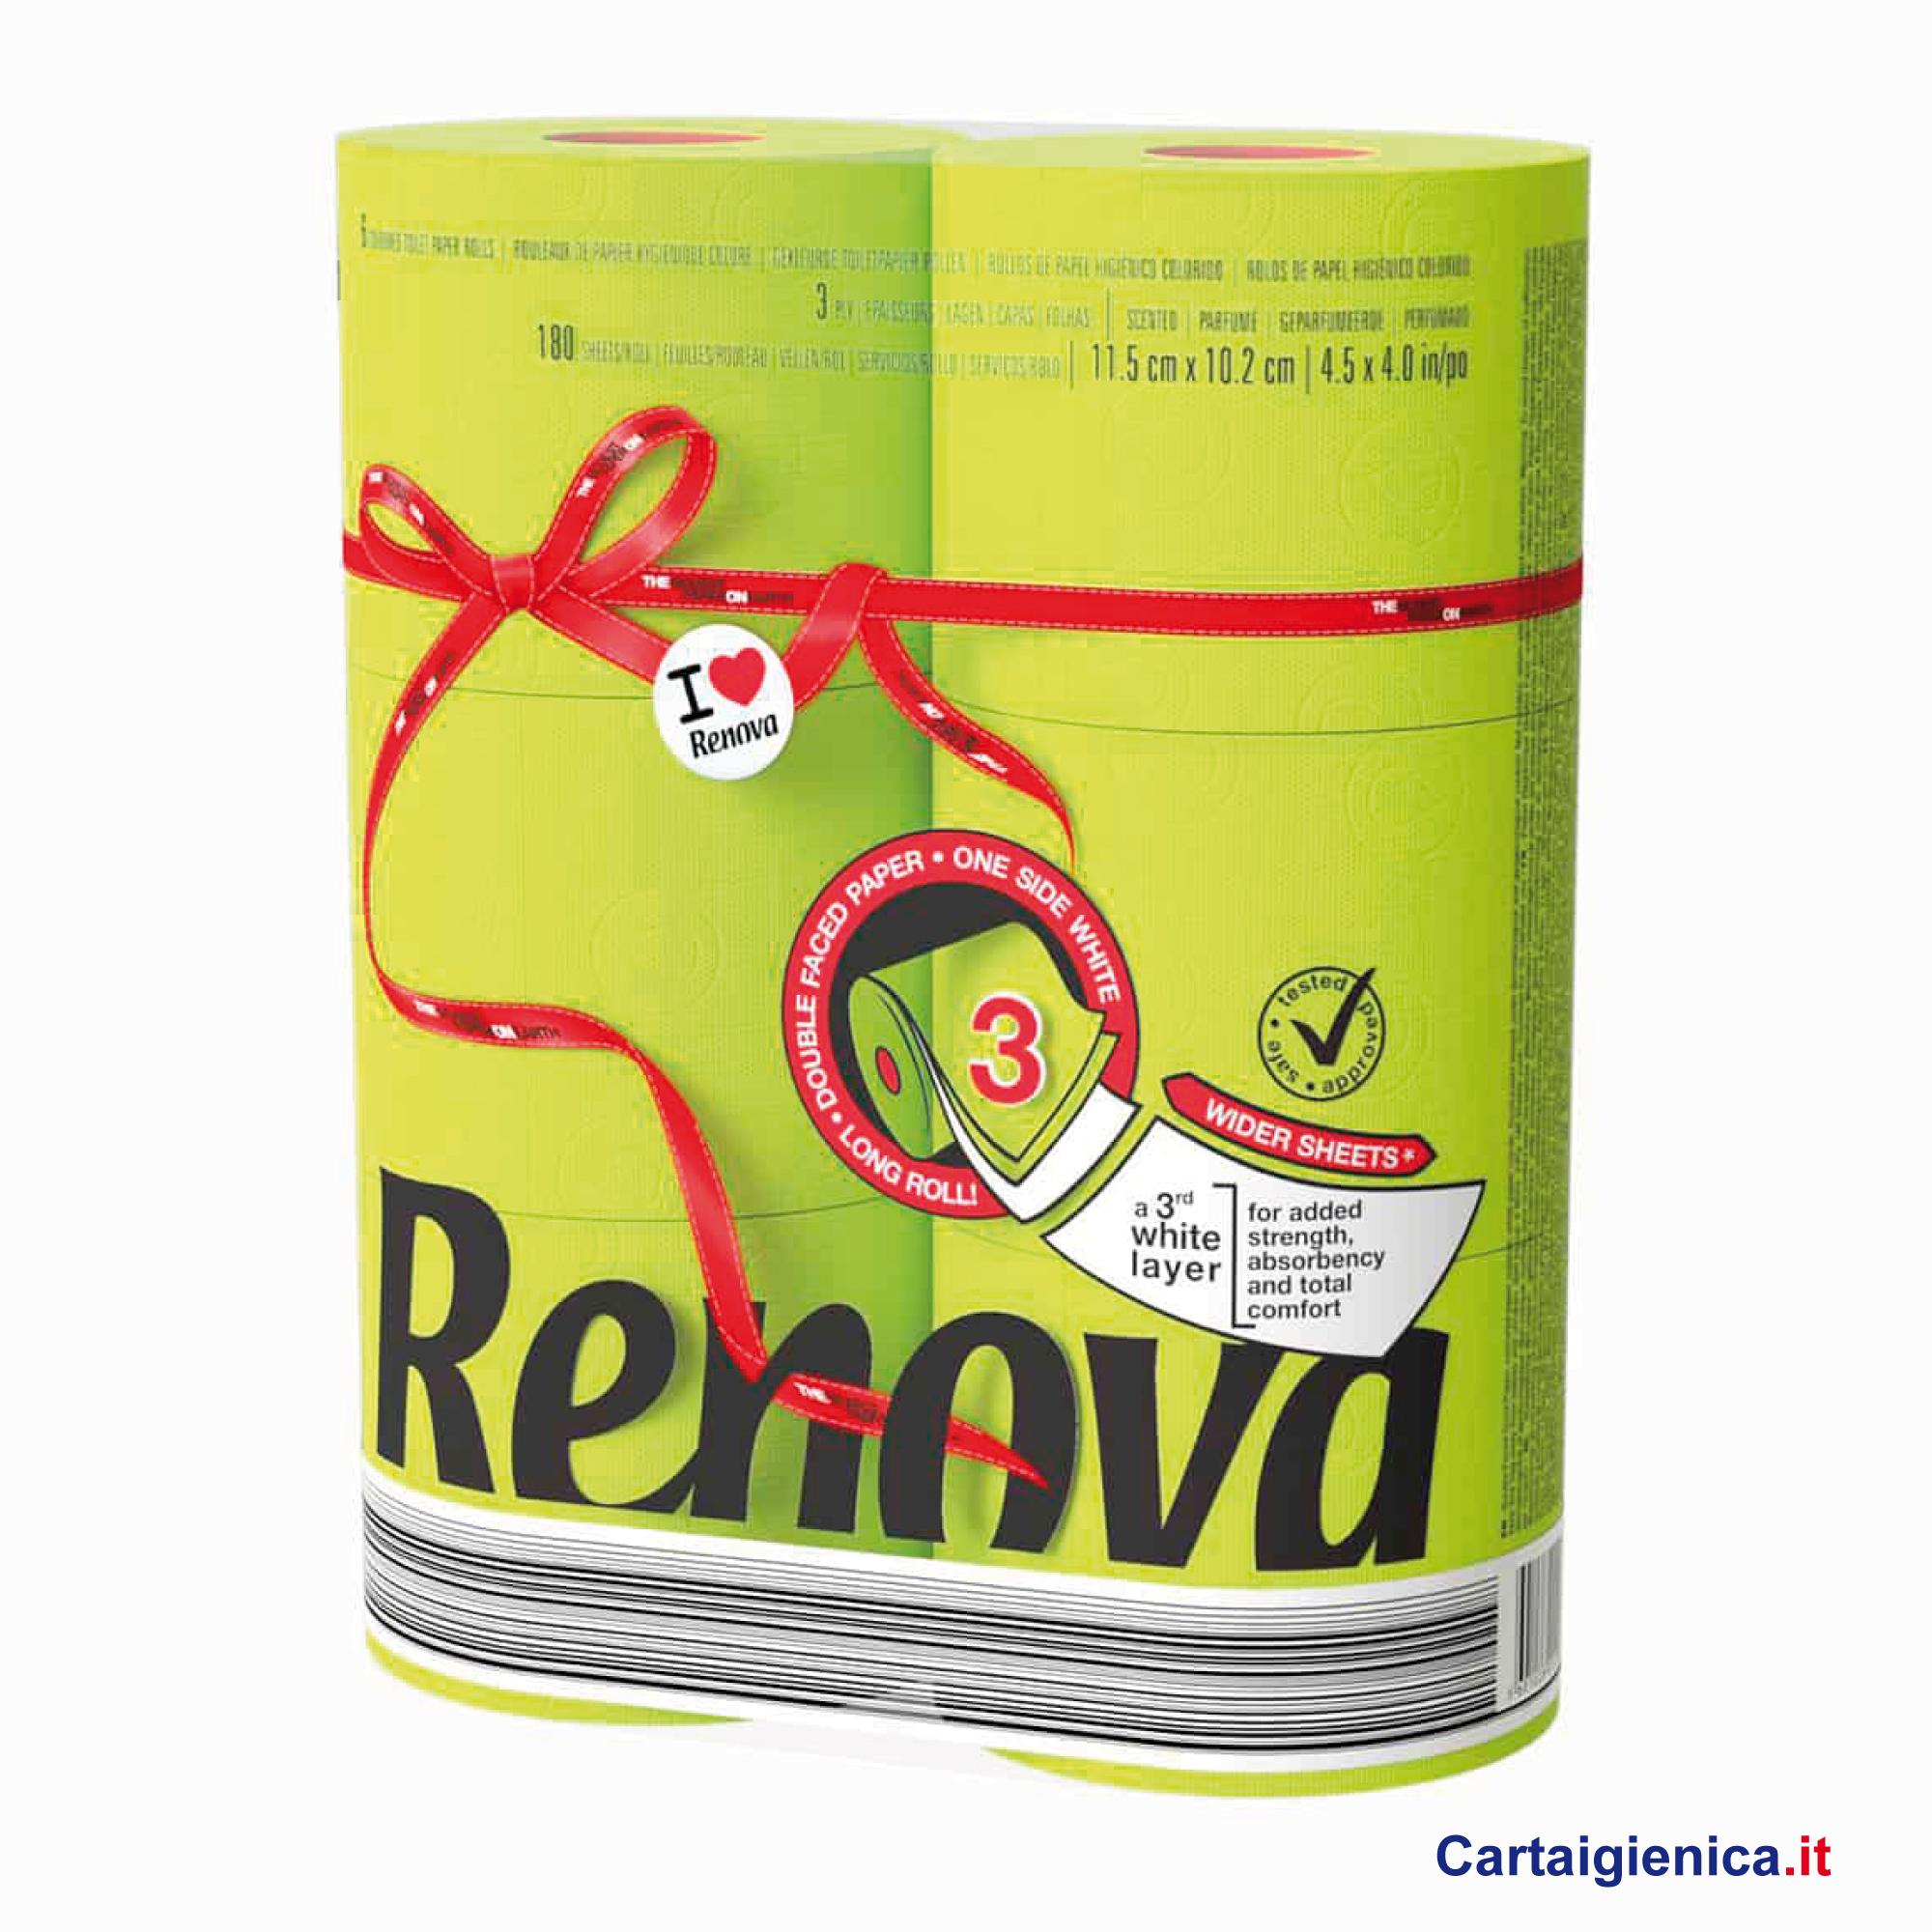 renova carta igienica colorata verde 6 rotoli cartaigienica.it